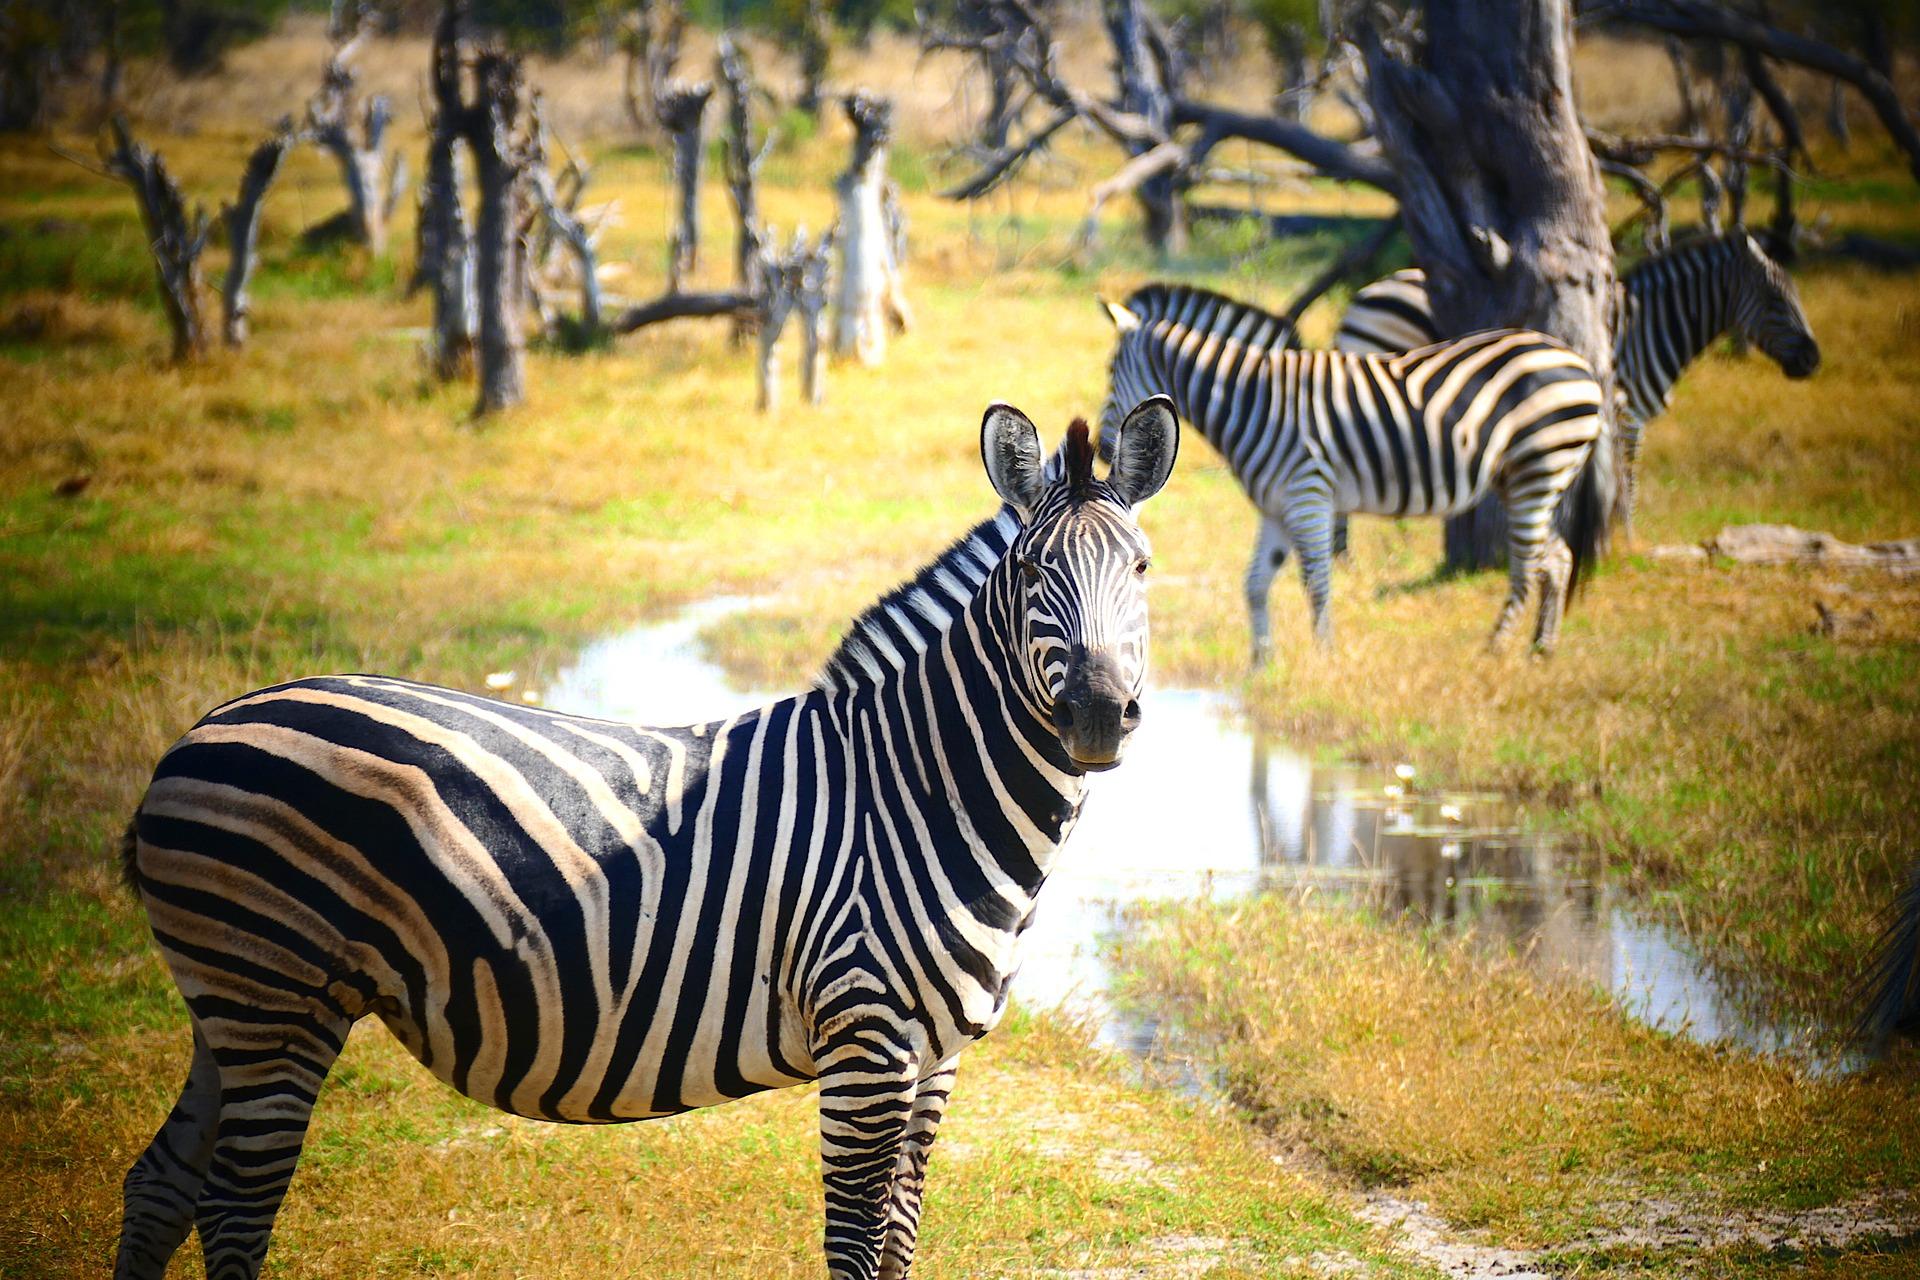 httpswww.chezbru.com_Toute la beauté de la Tanzanie à découvrir le temps d'un voyage